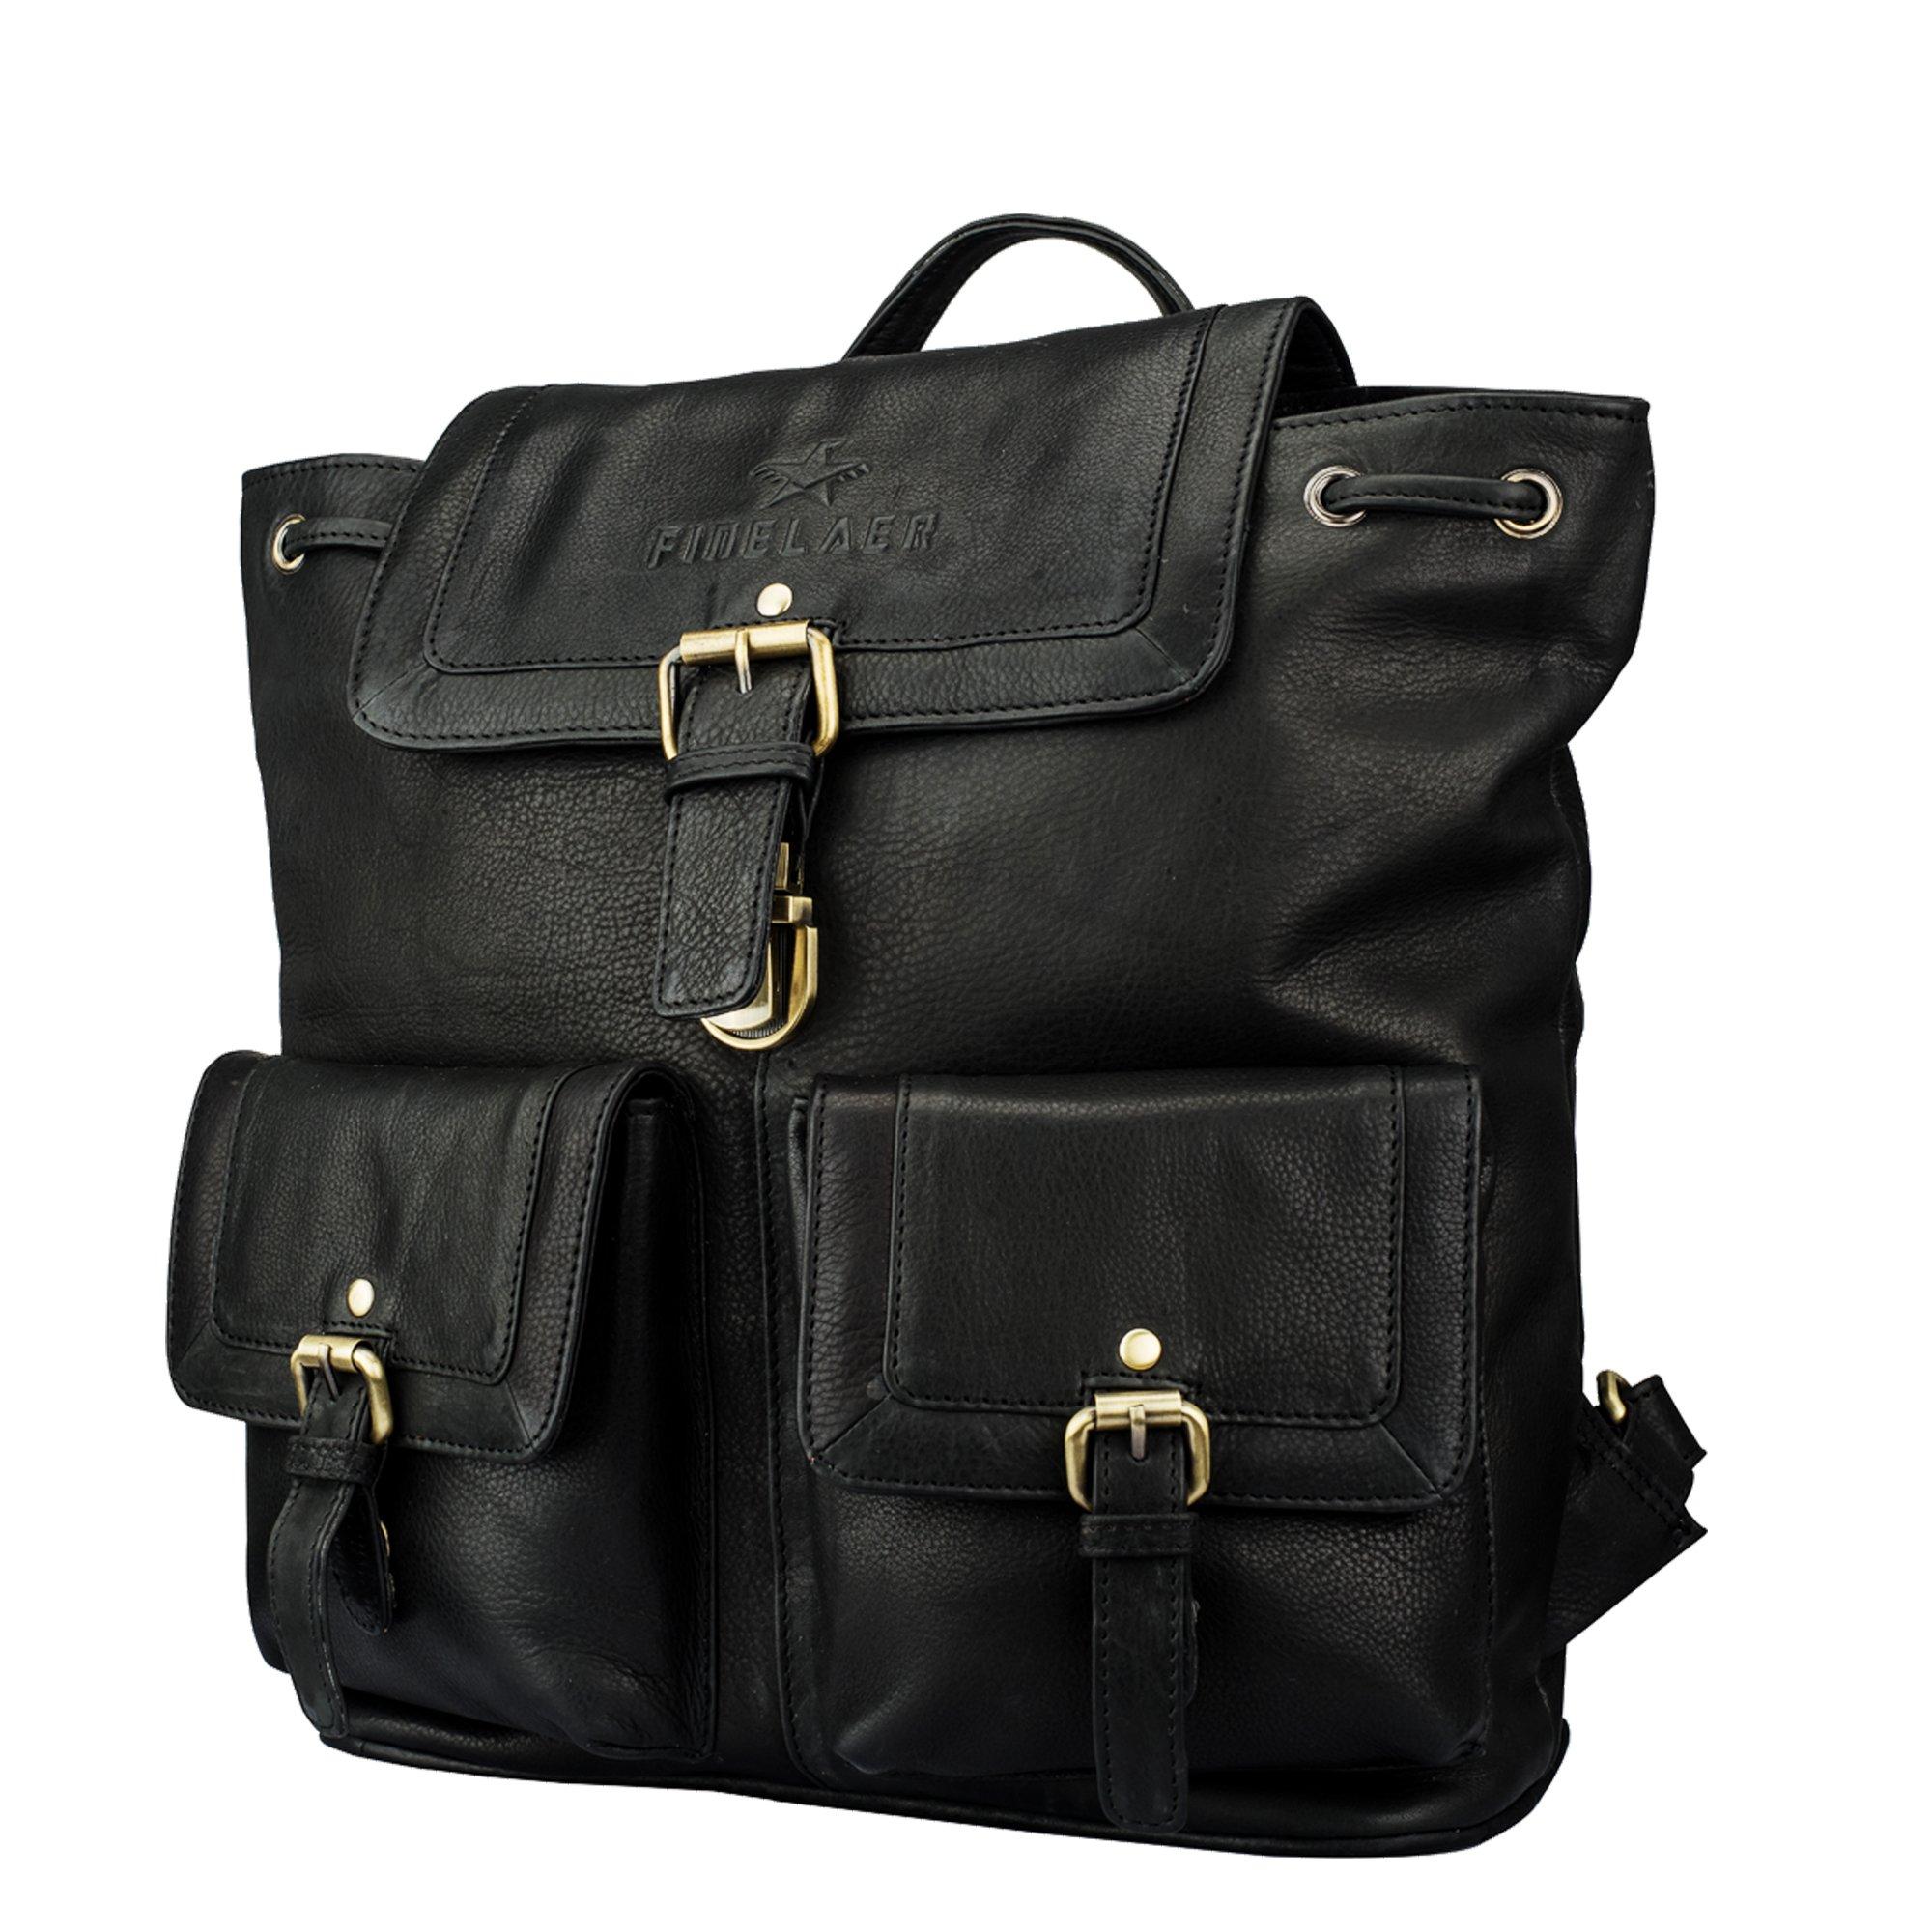 Vintage Laptop Backpack Daypack Rucksack Hiking College Travel Bag Black   Finelaer